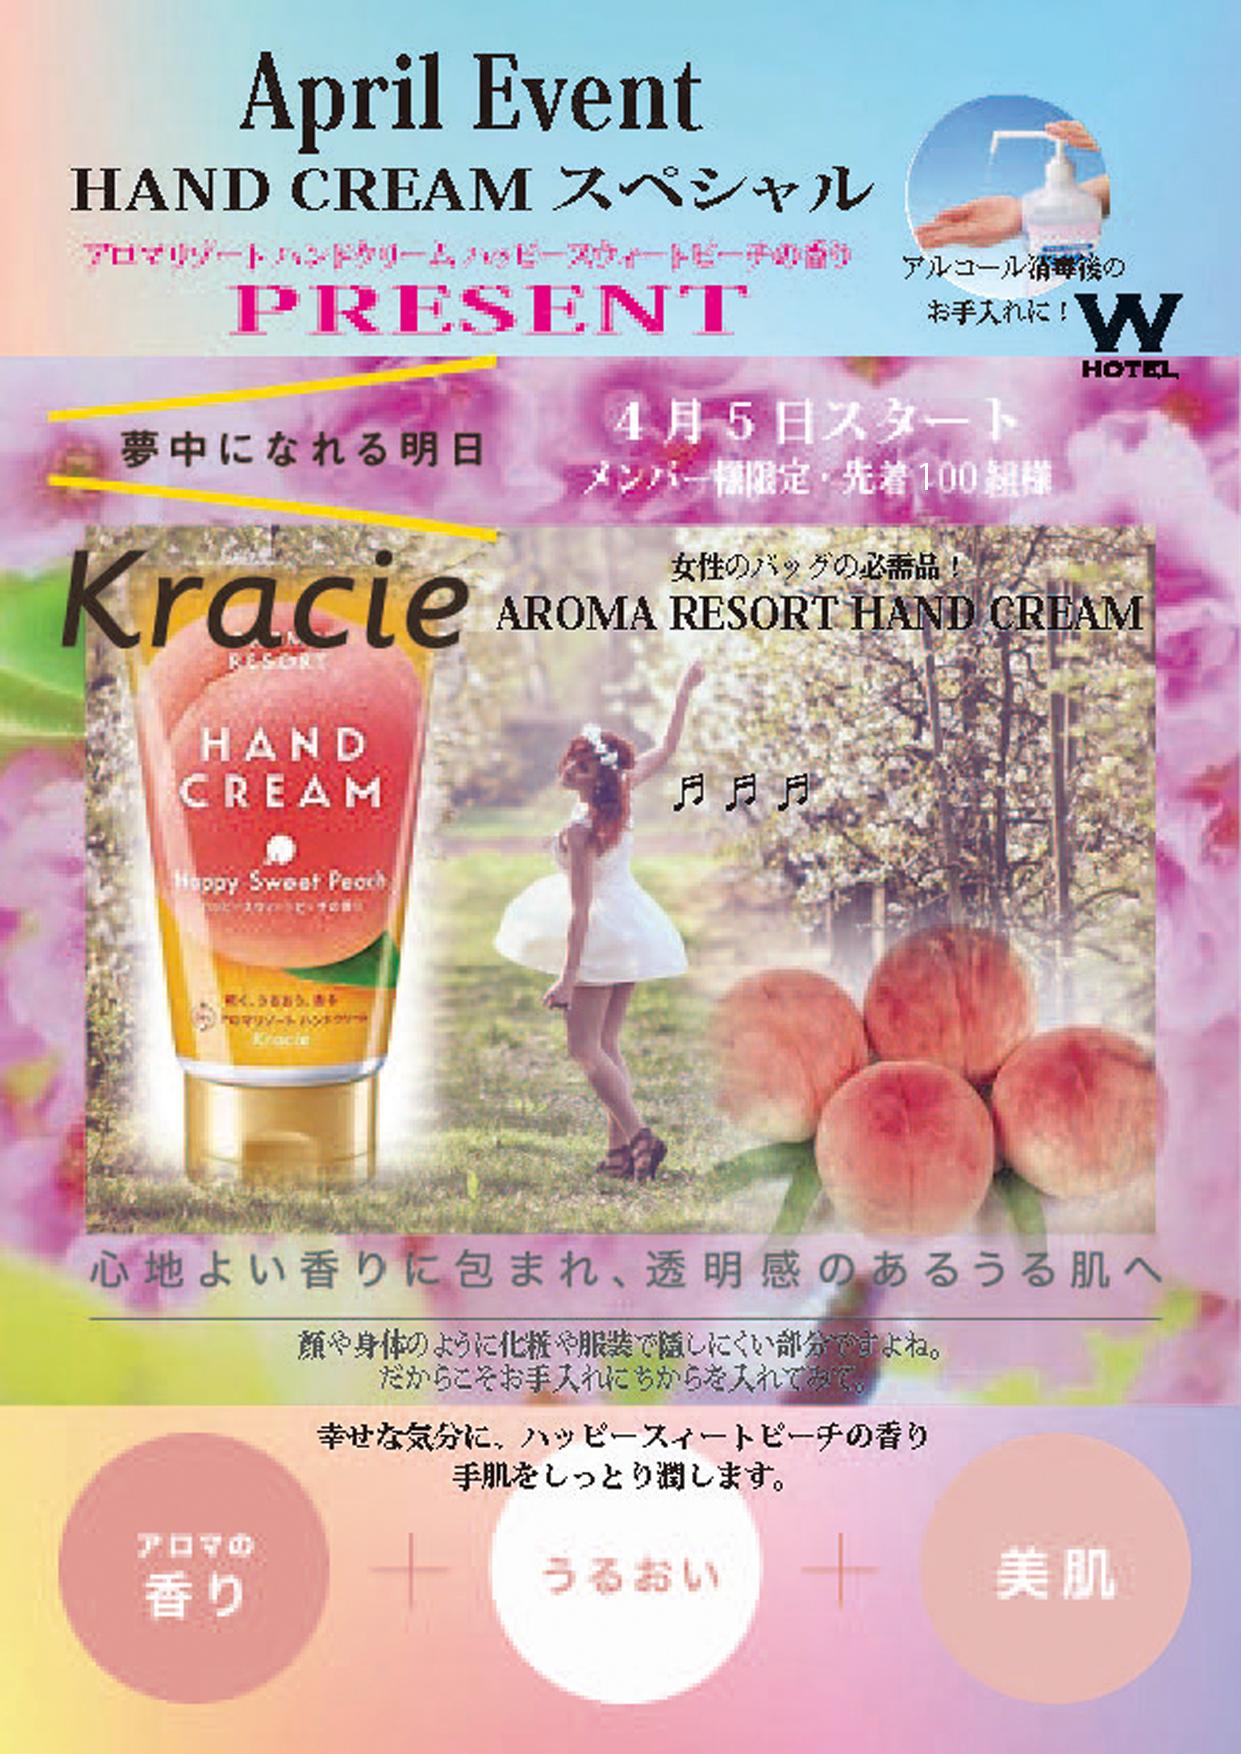 4月5日~スタート♪アロマリゾートハンドクリームハッピースウィートピーチの香りプレゼント!